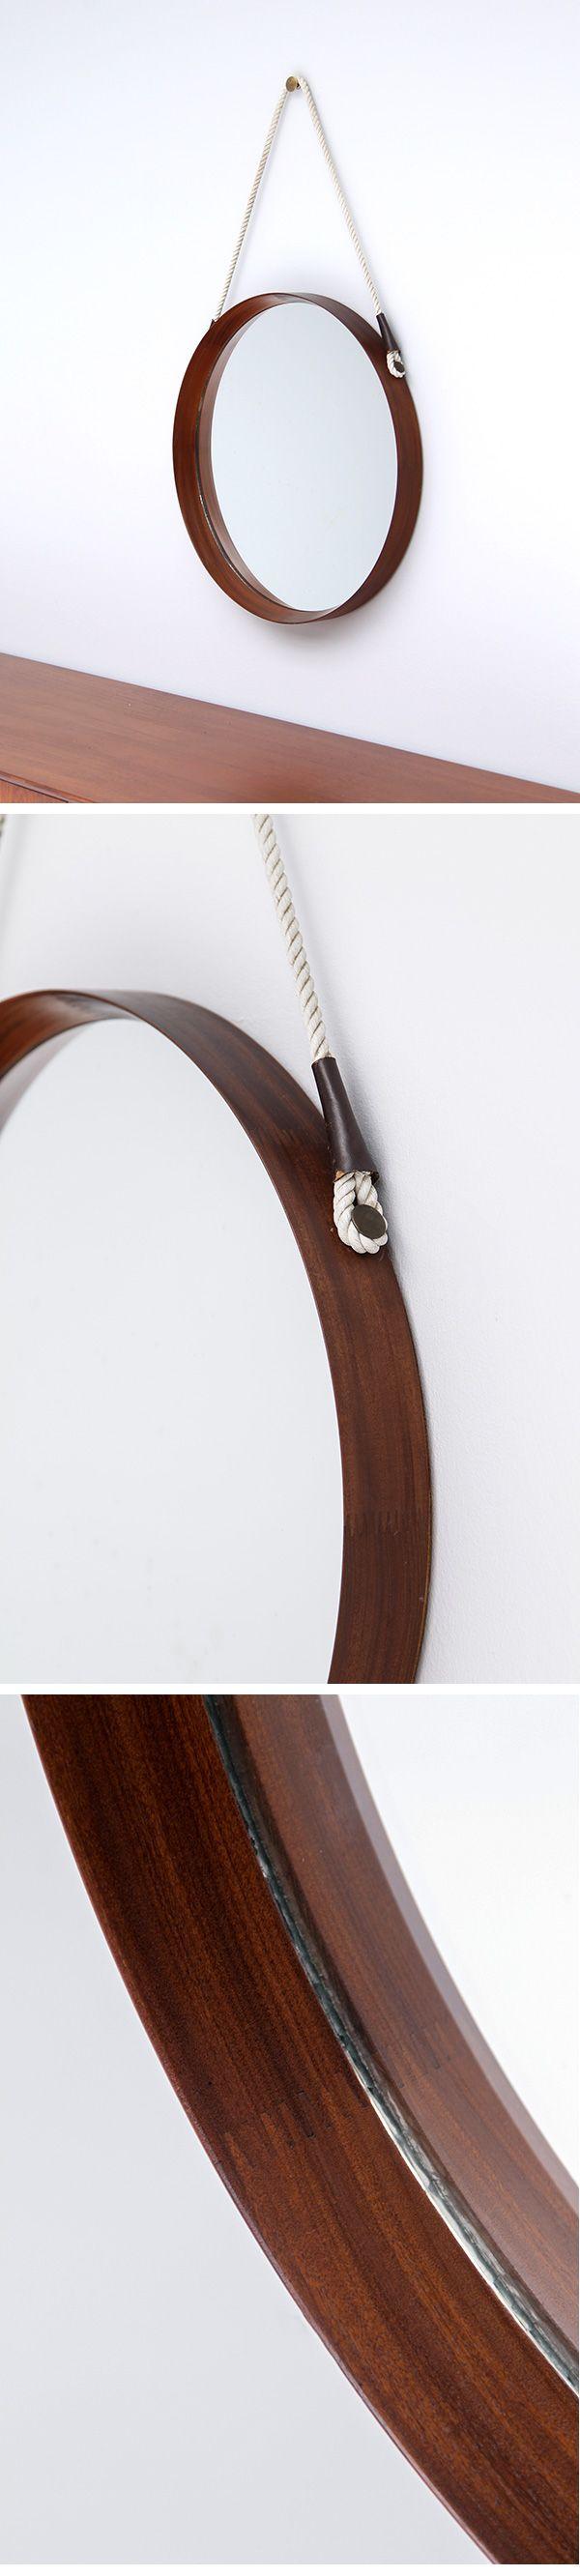 rosewood, danish, circular, mirror, rope